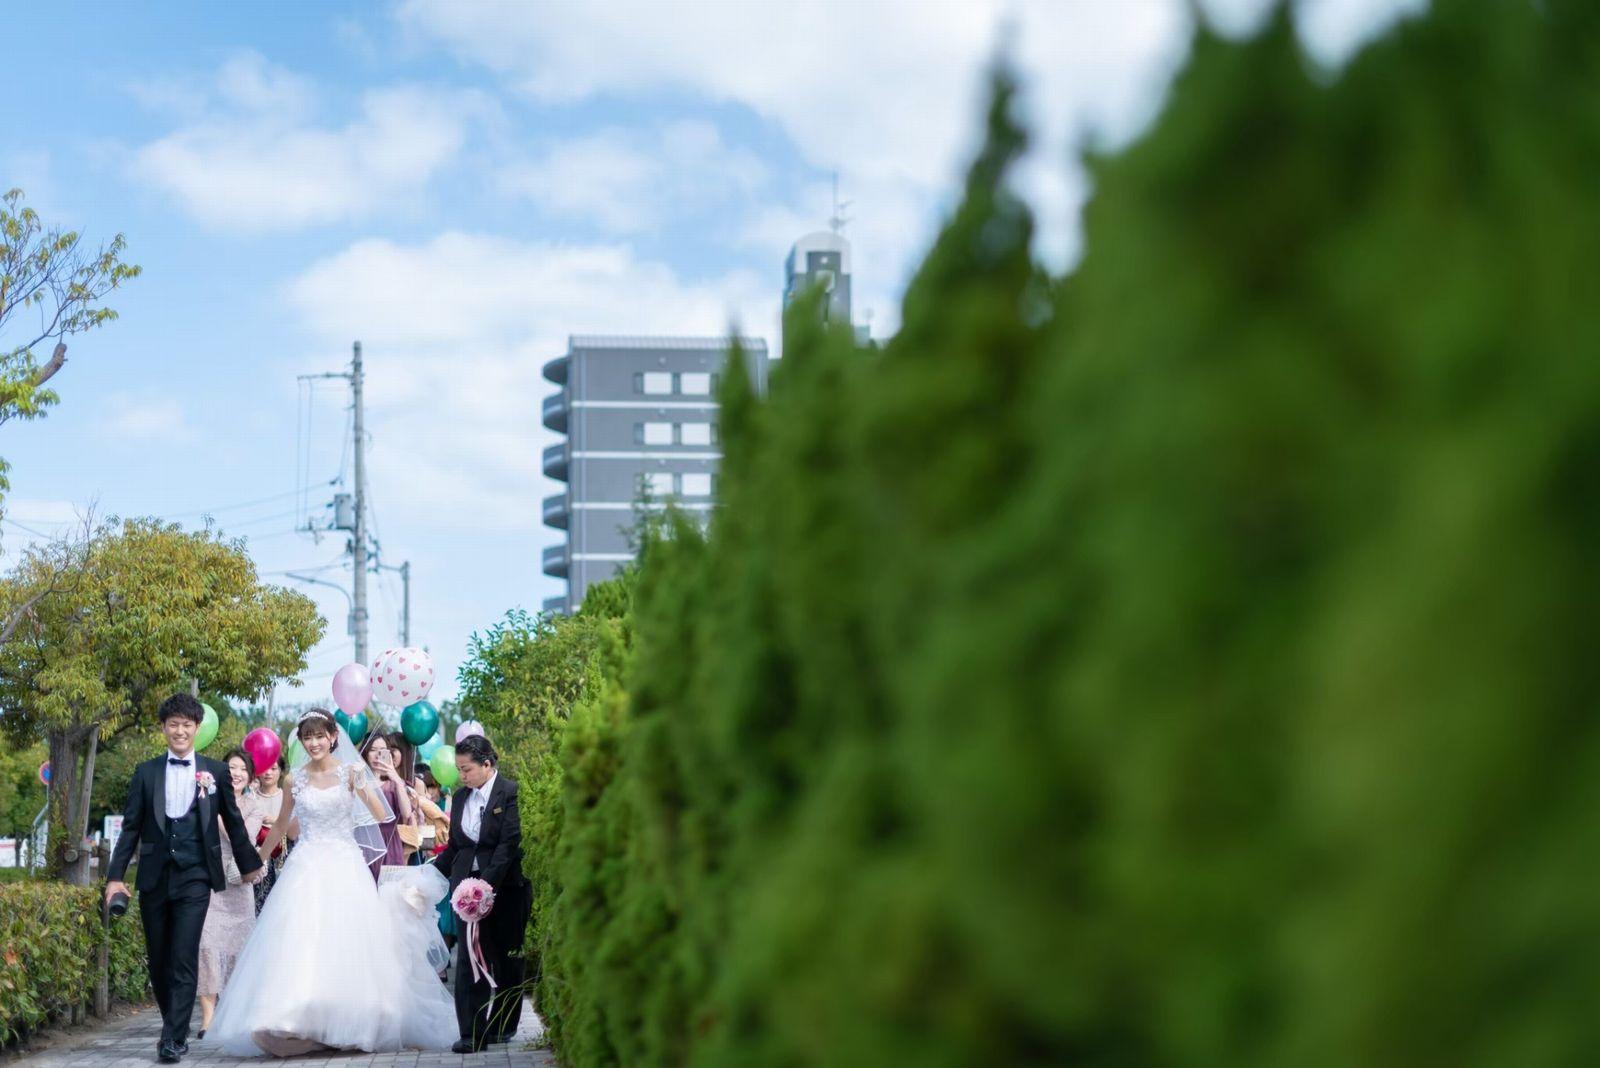 香川県の結婚式場シェルエメール&アイスタイルのバルーンリリース行進